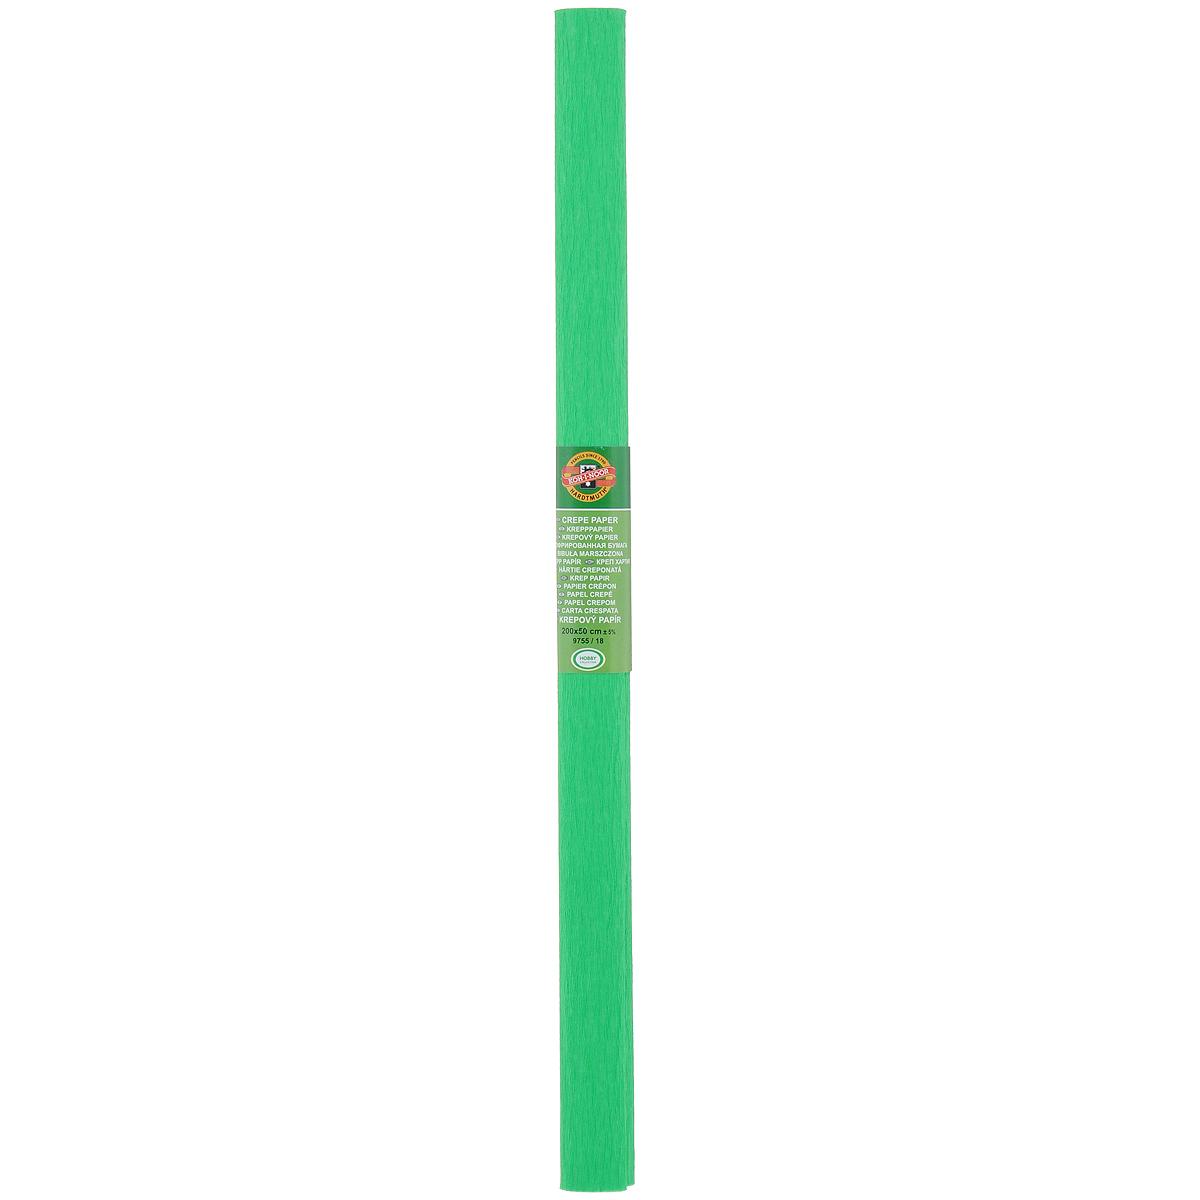 Бумага гофрированная Koh-I-Noor, цвет: зеленый, 50 см x 2 м9755/18Гофрированная бумага Koh-I-Noor - прекрасный материал для декорирования, изготовления эффектной упаковки и различных поделок. Бумага прекрасно держит форму, не пачкает руки, отлично крепится и замечательно подходит для изготовления праздничной упаковки для цветов.